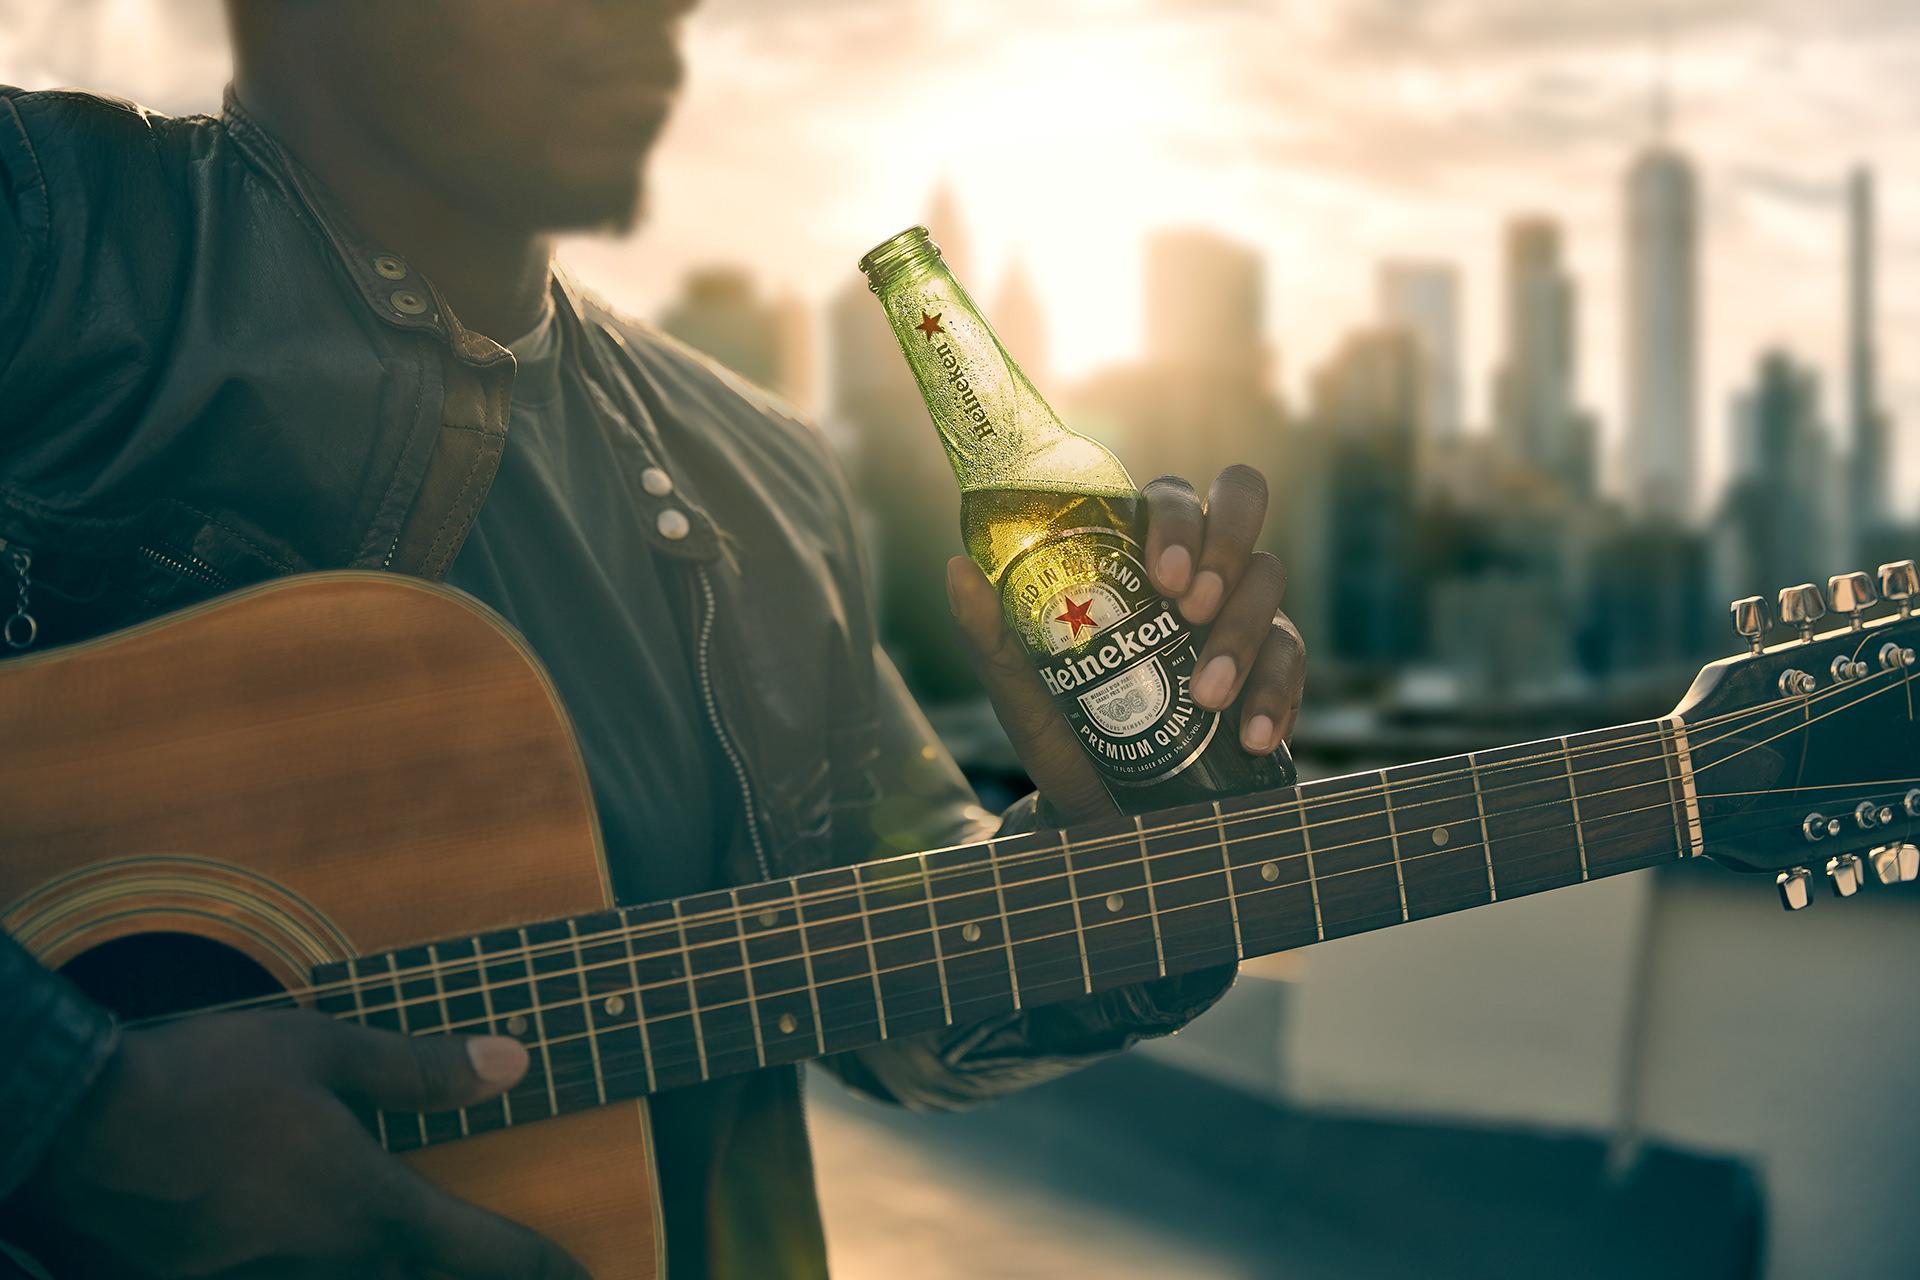 heineken-beer-bottle-guitar-rooftop